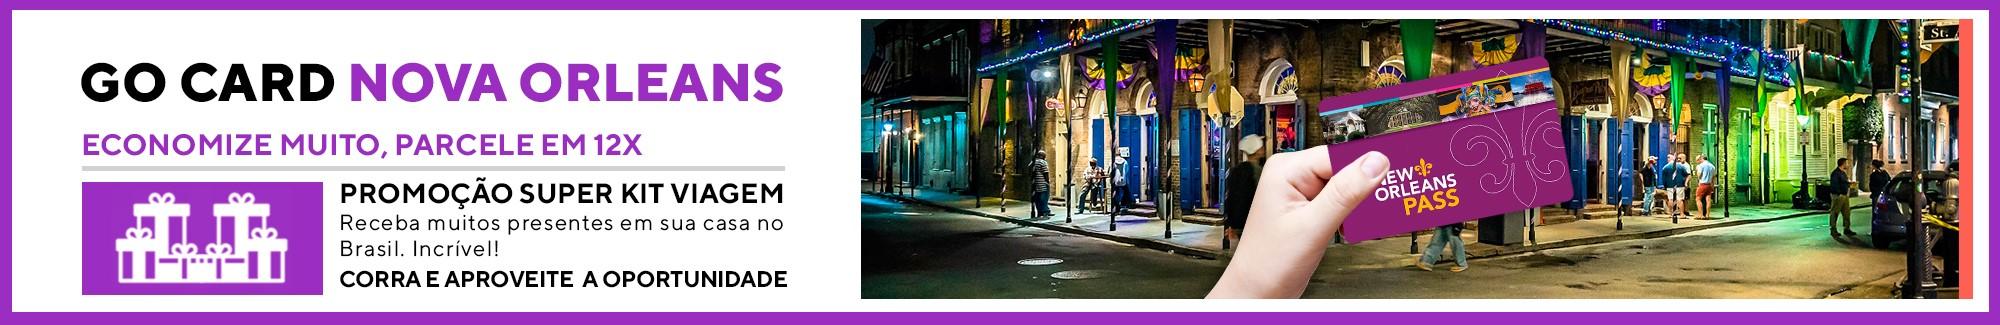 Go Card Nova Orleans